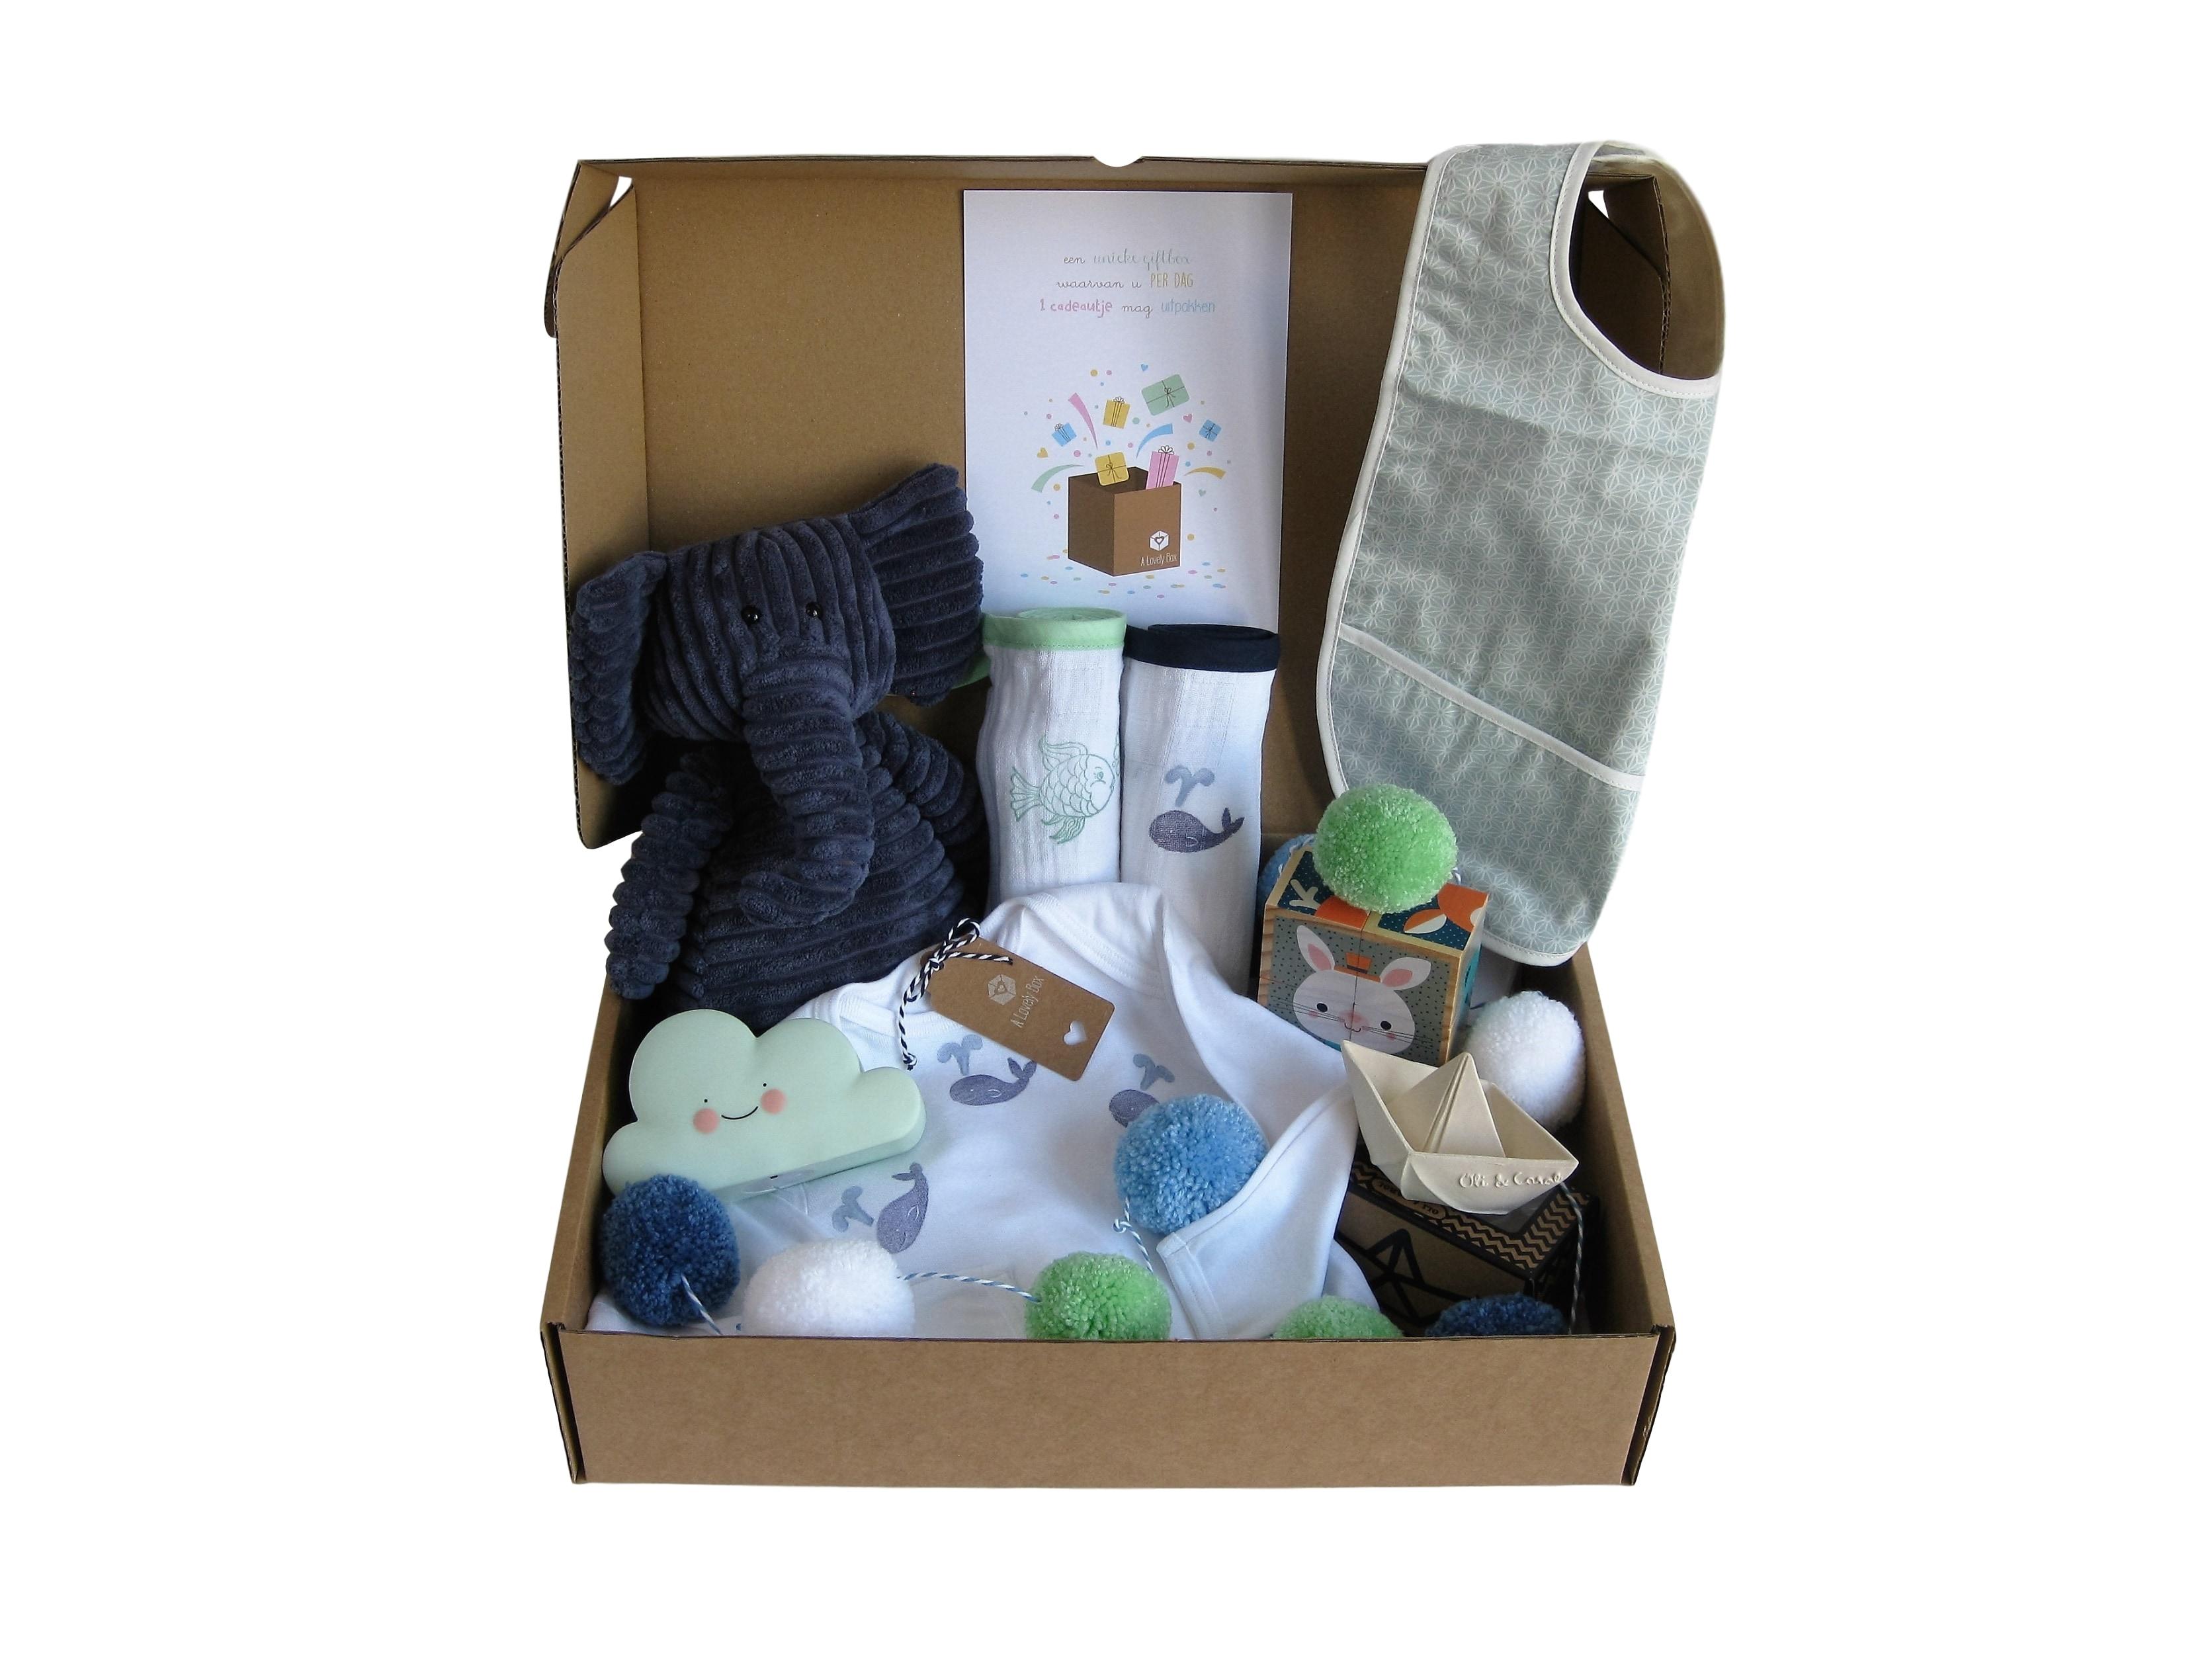 New Het ultieme cadeau tijdens je zwangerschap of na je bevalling &YV62